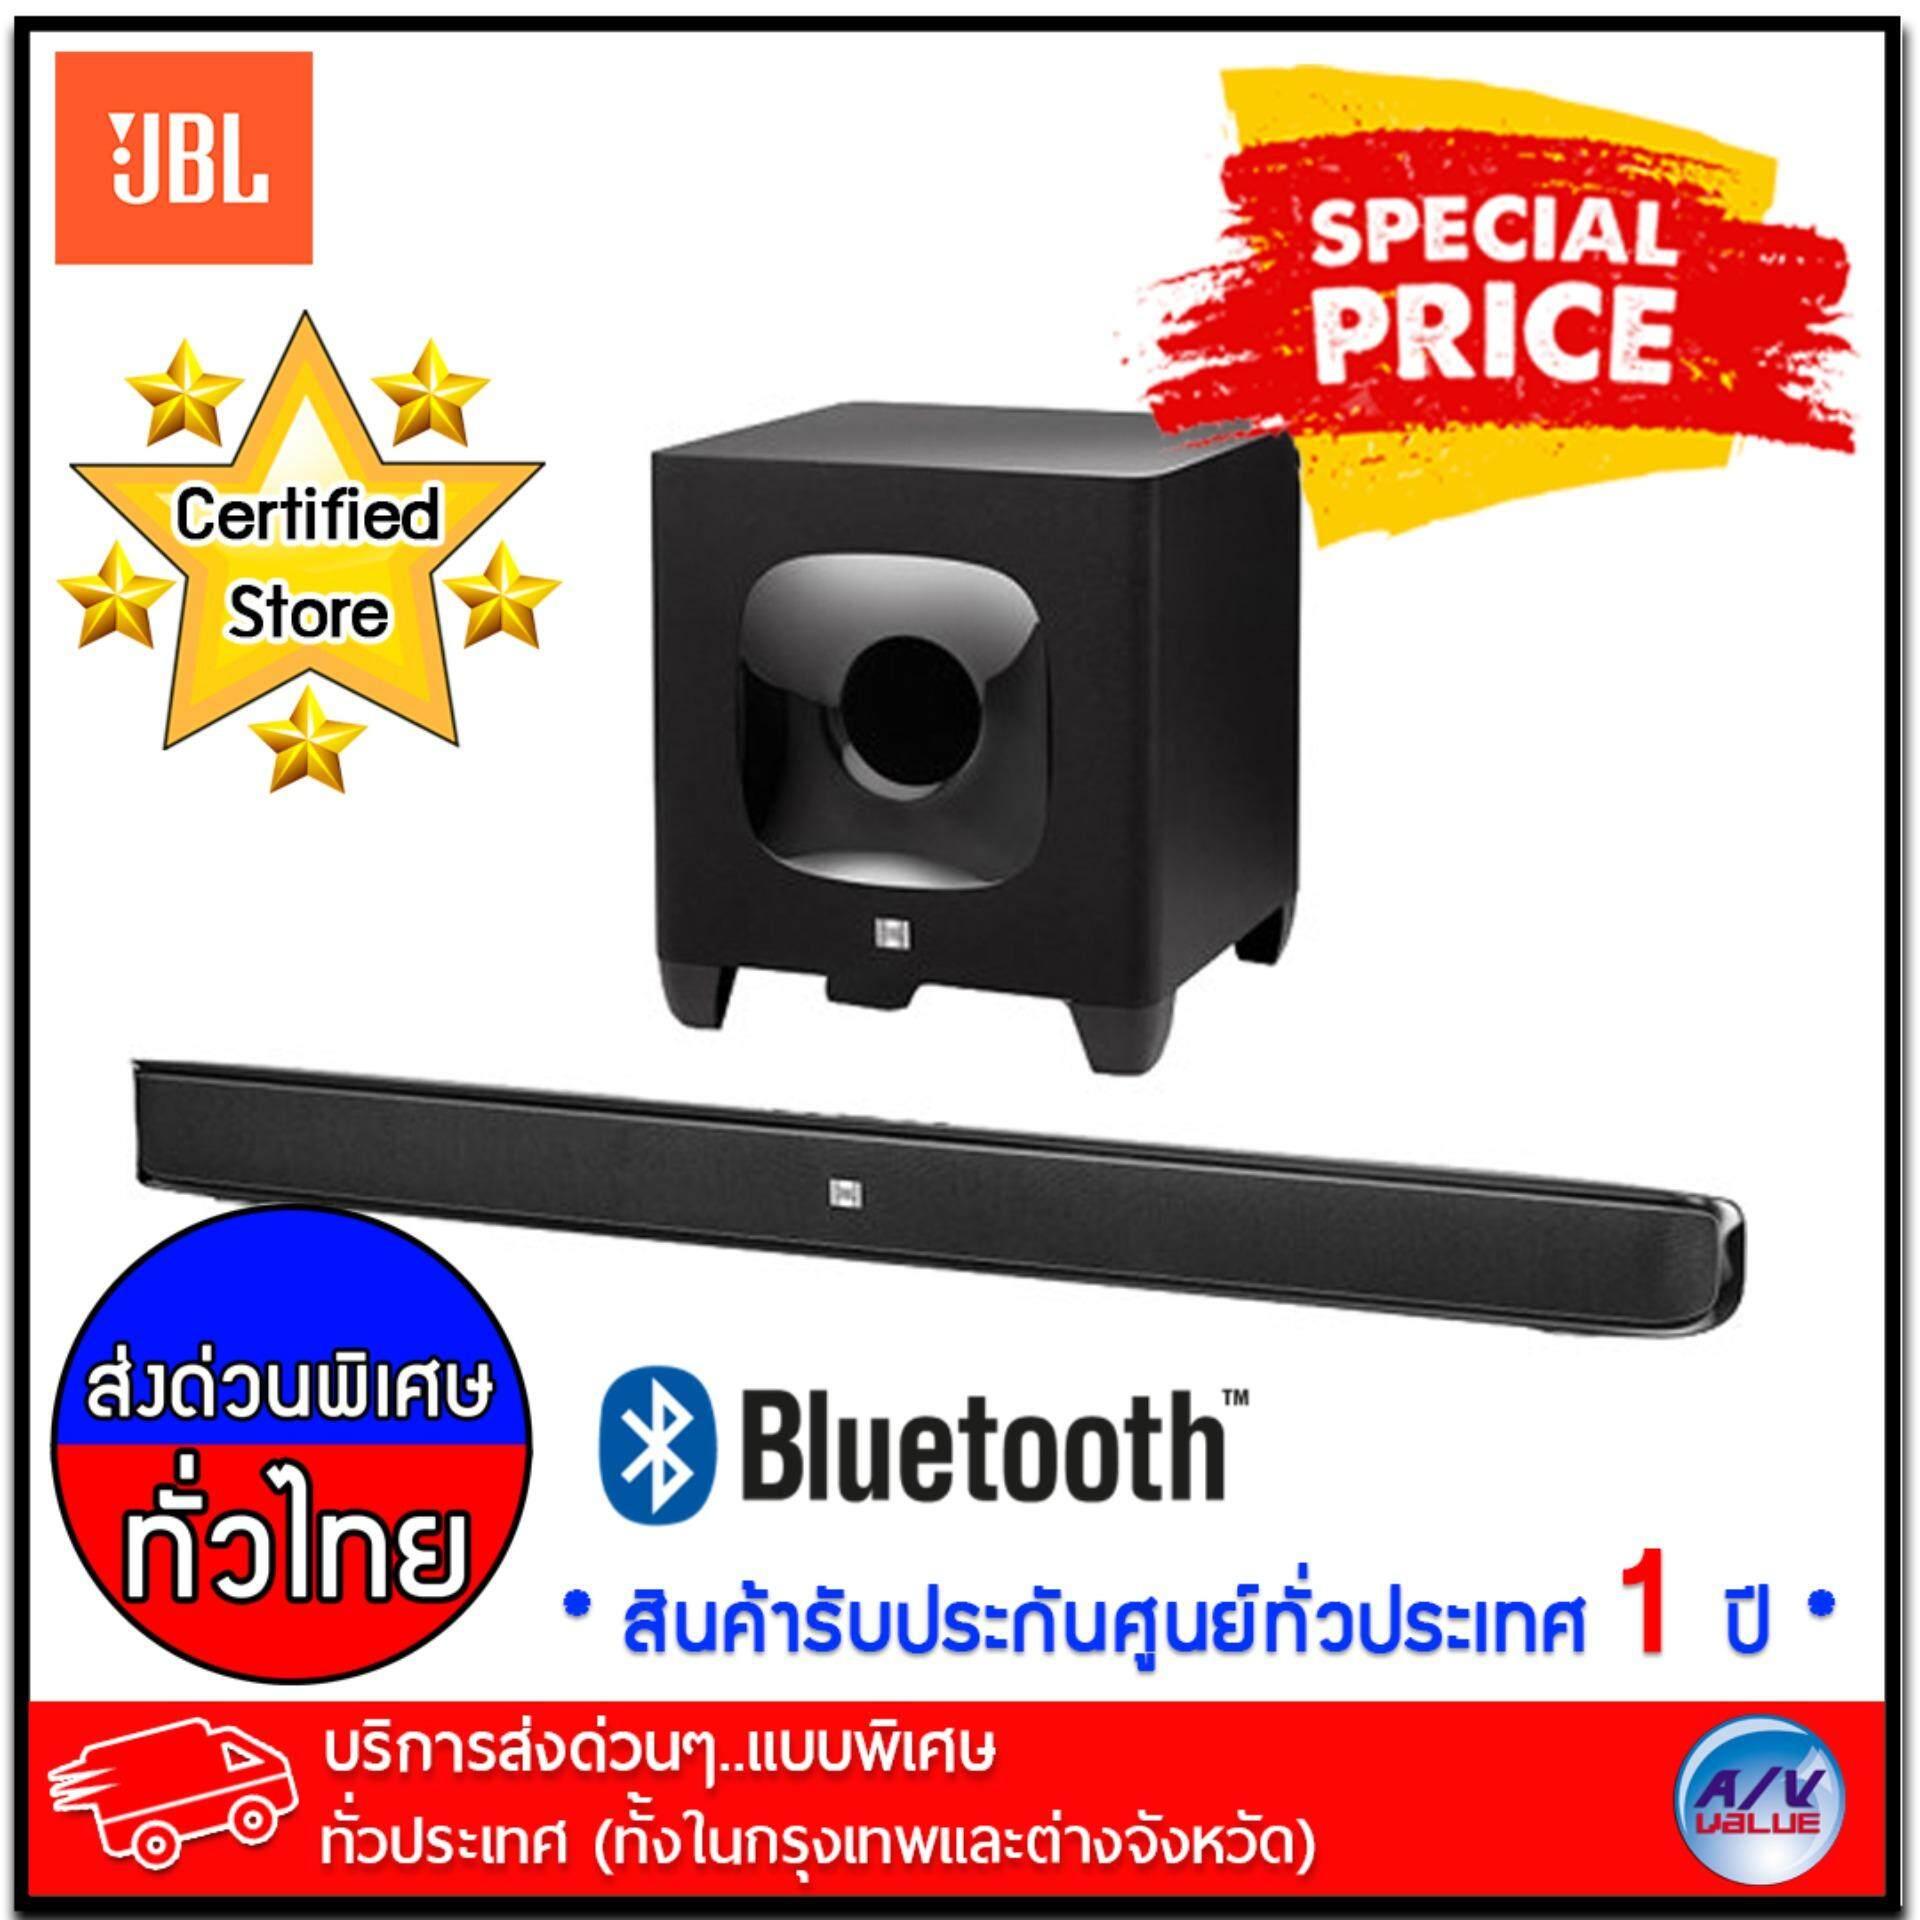 ยี่ห้อไหนดี  สมุทรสาคร JBL Cinema Soundbar รุ่น SB-400 **สินค้าราคาพิเศษมีจำนวนจำกัด!!